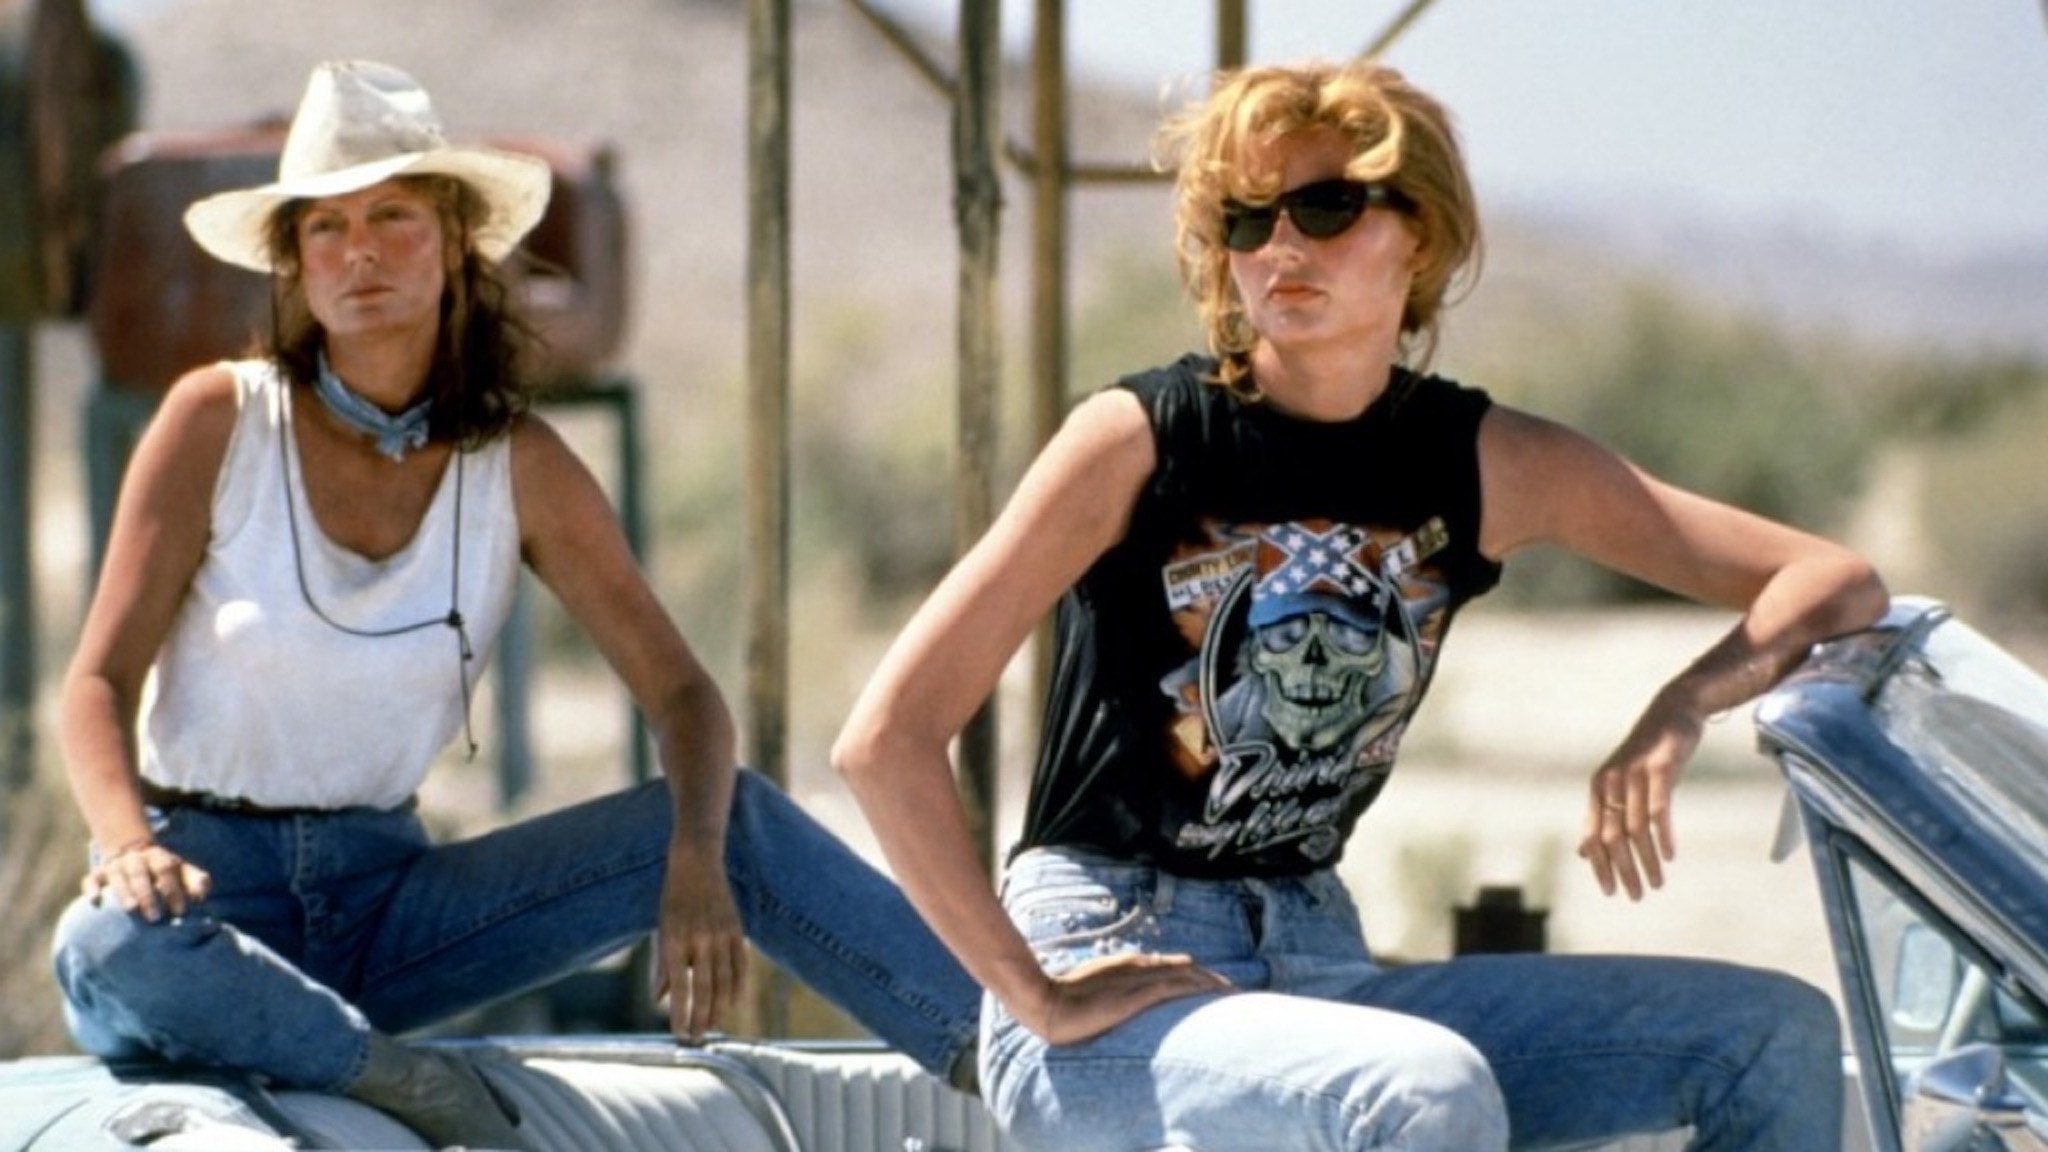 Thelma & Louise – filmhistoriens coolaste och mest kontroversiella kvinnor?